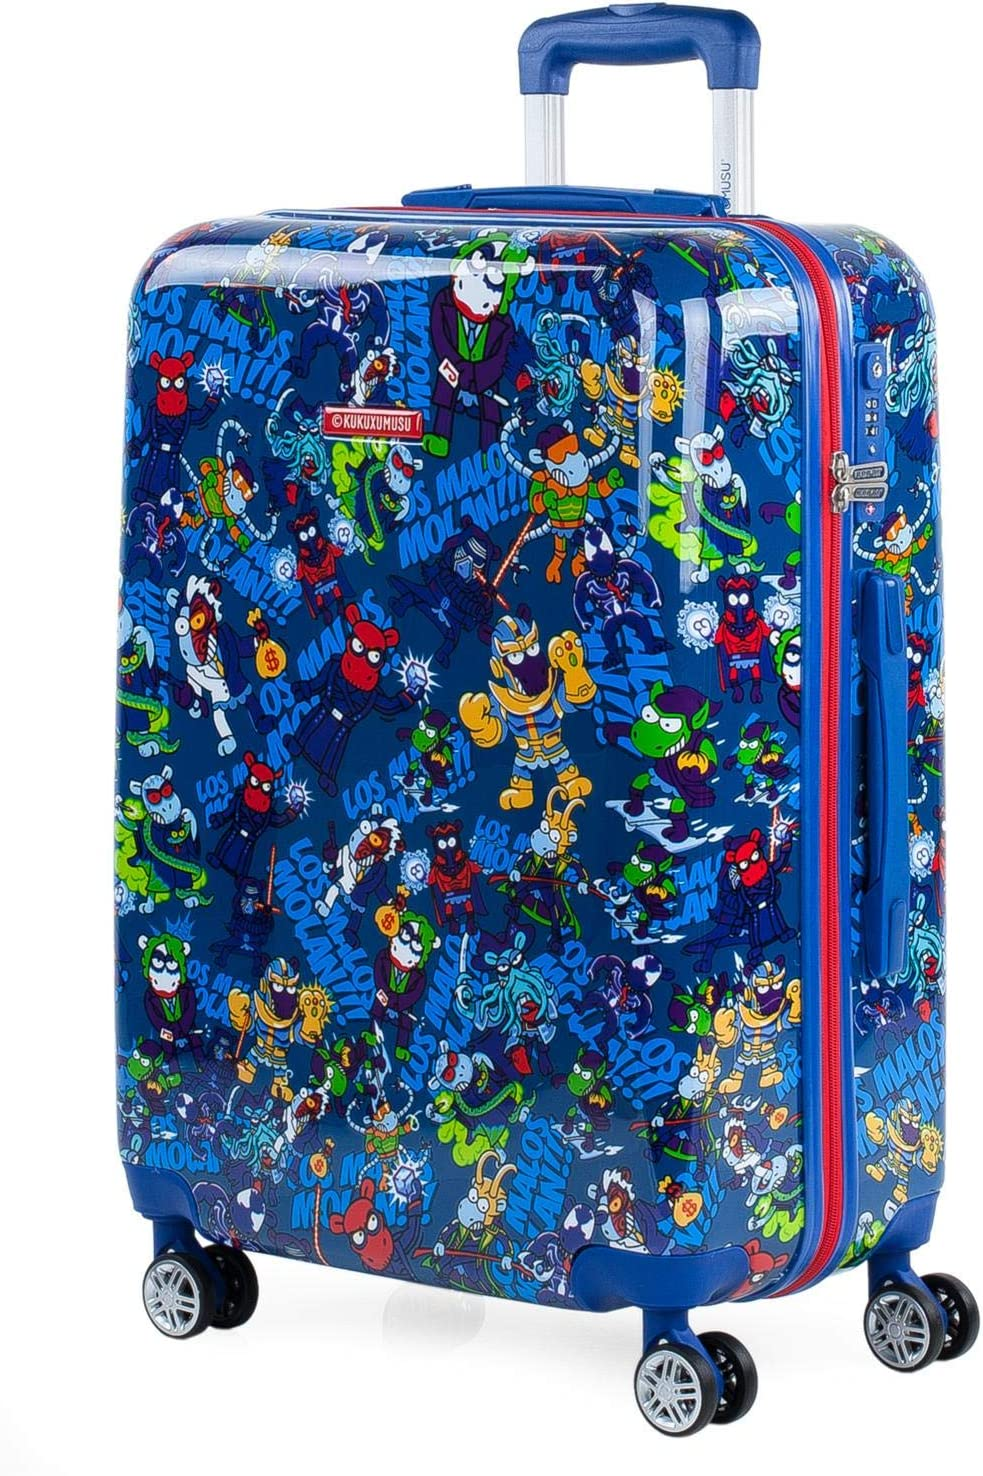 KUKUXUMUSU - Maleta de Viaje Infantil Juvenil rígida 4 Ruedas Trolley 65 cm Mediana de policarbonato Estampado. y Ligera. Mango Asas y candado. Estudiante 131260, Color Azul